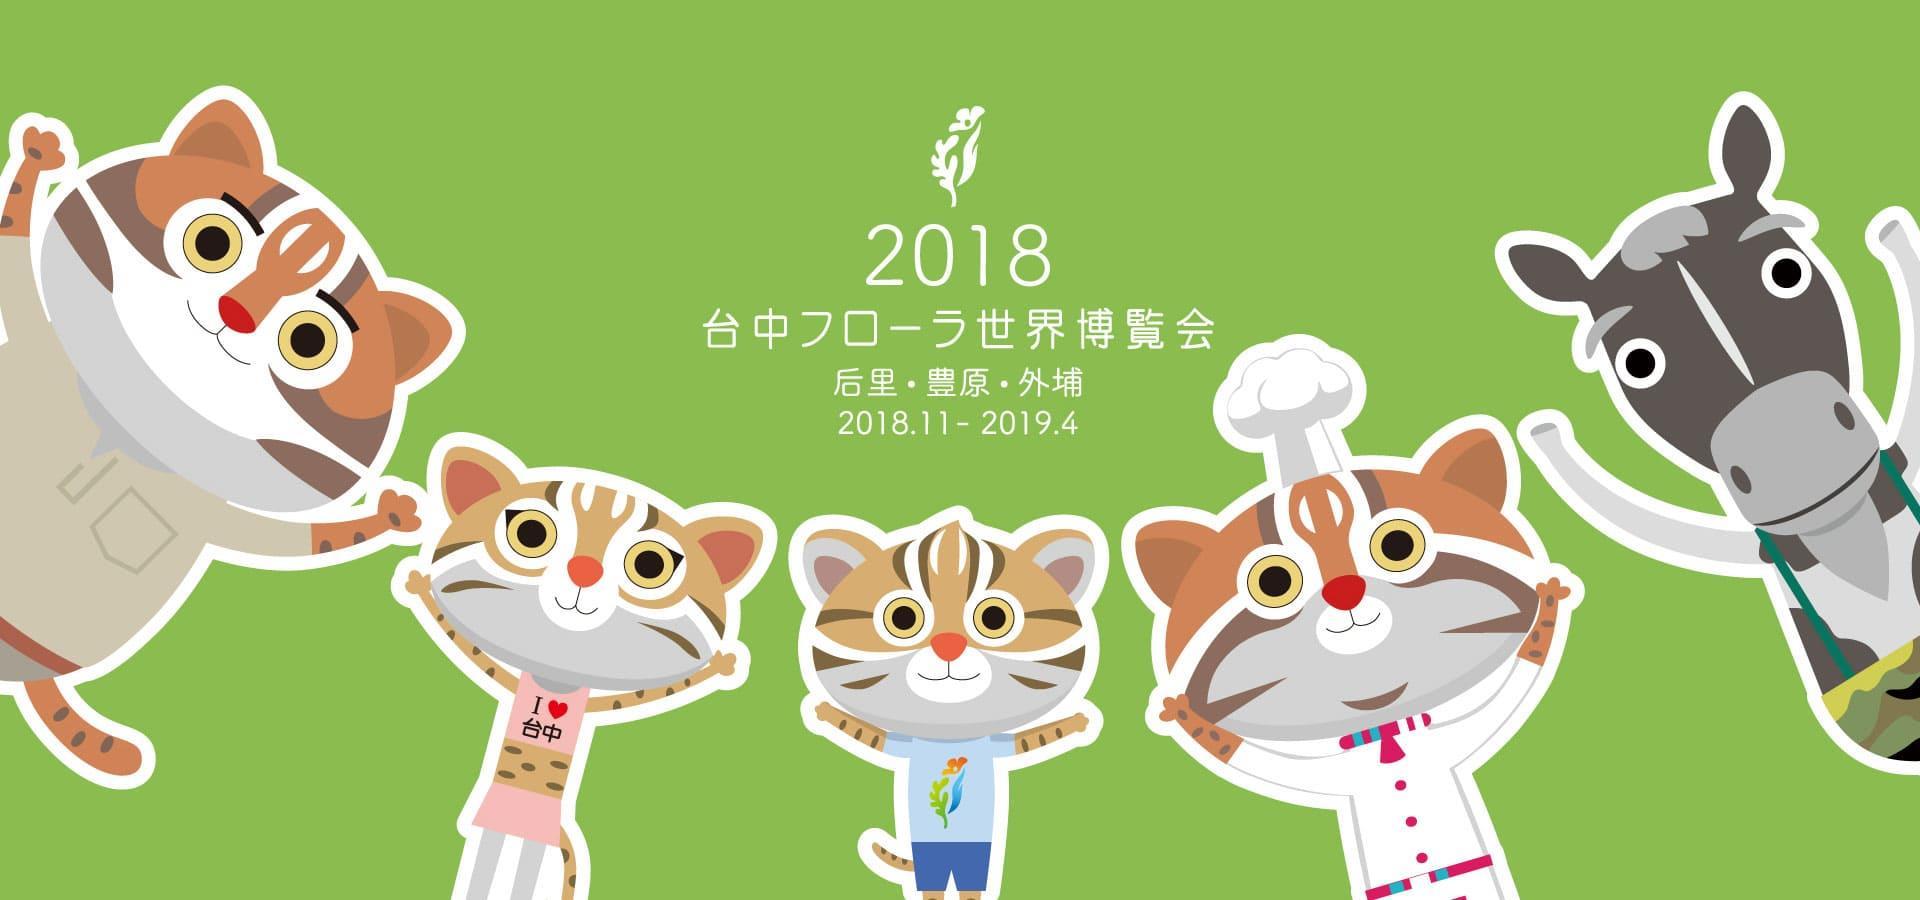 2018台中フローラ世界博覧会